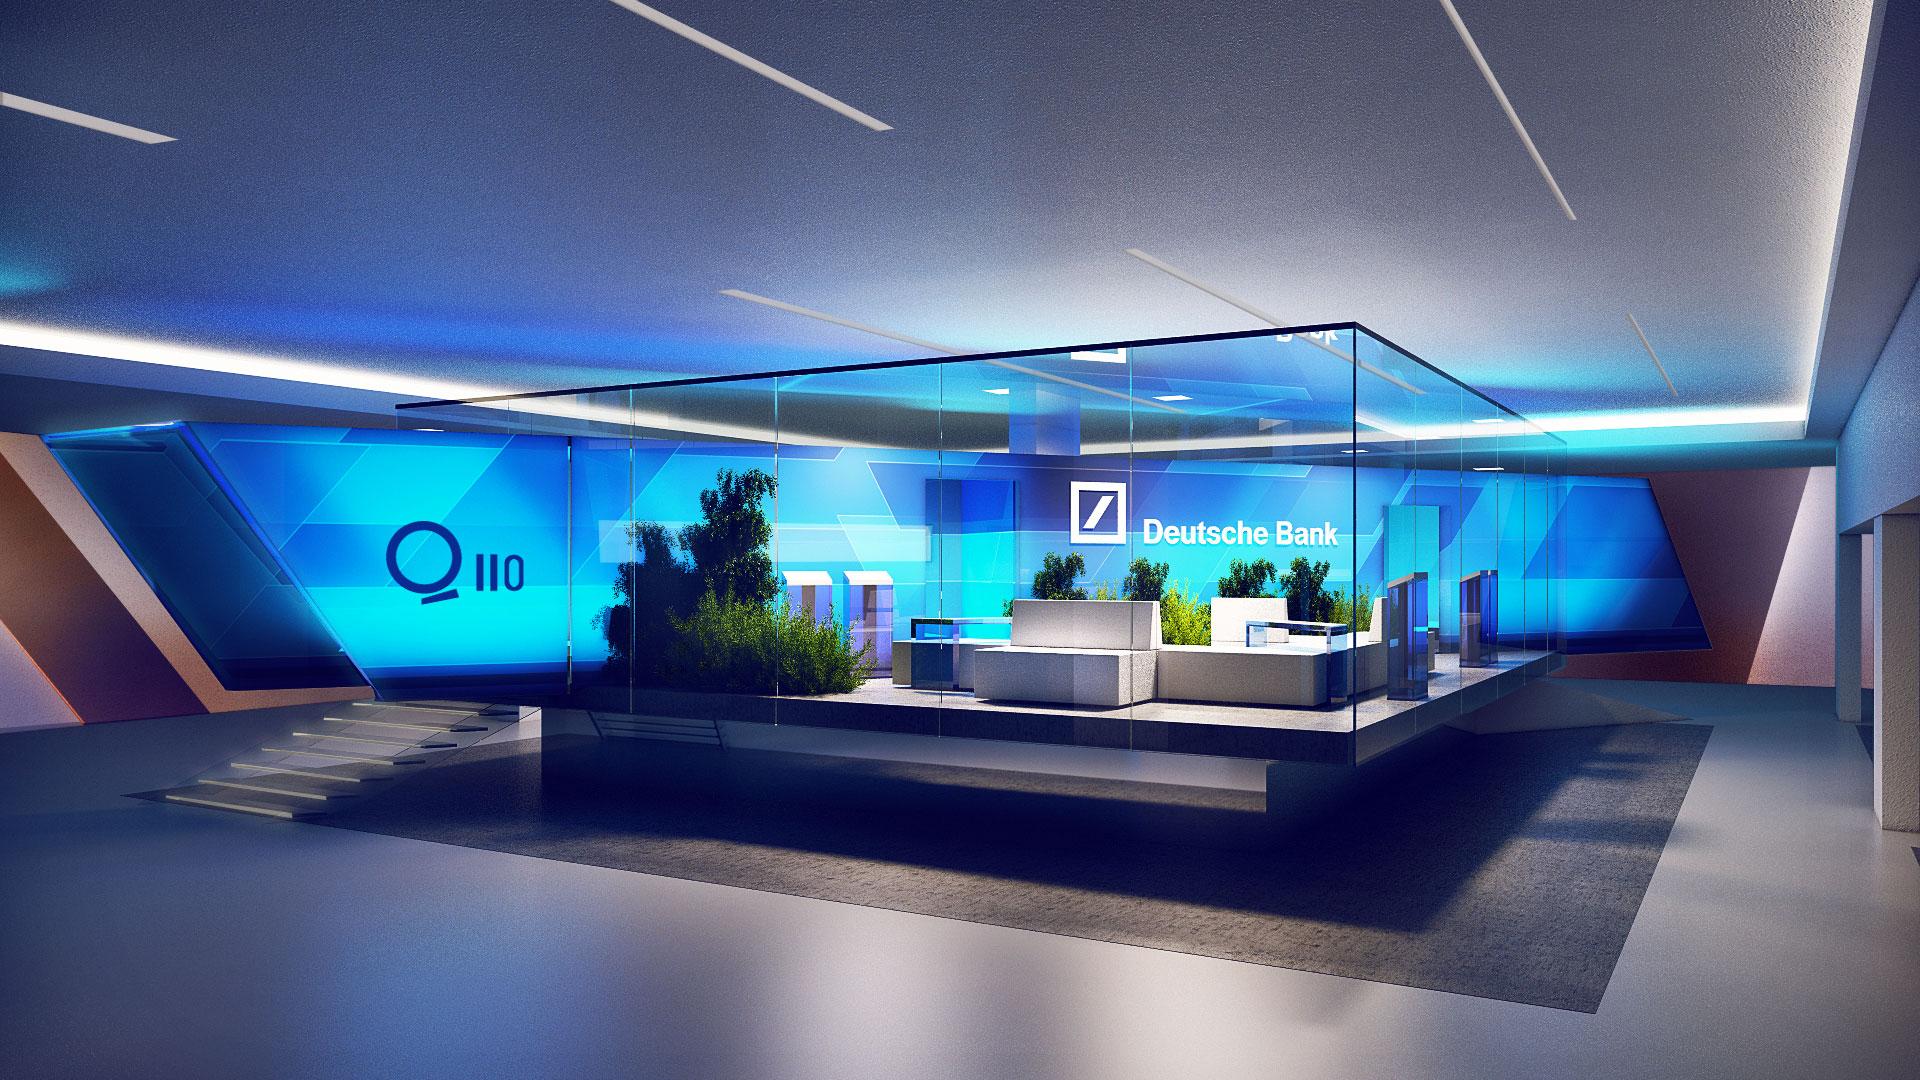 Deutsche Bank Q110